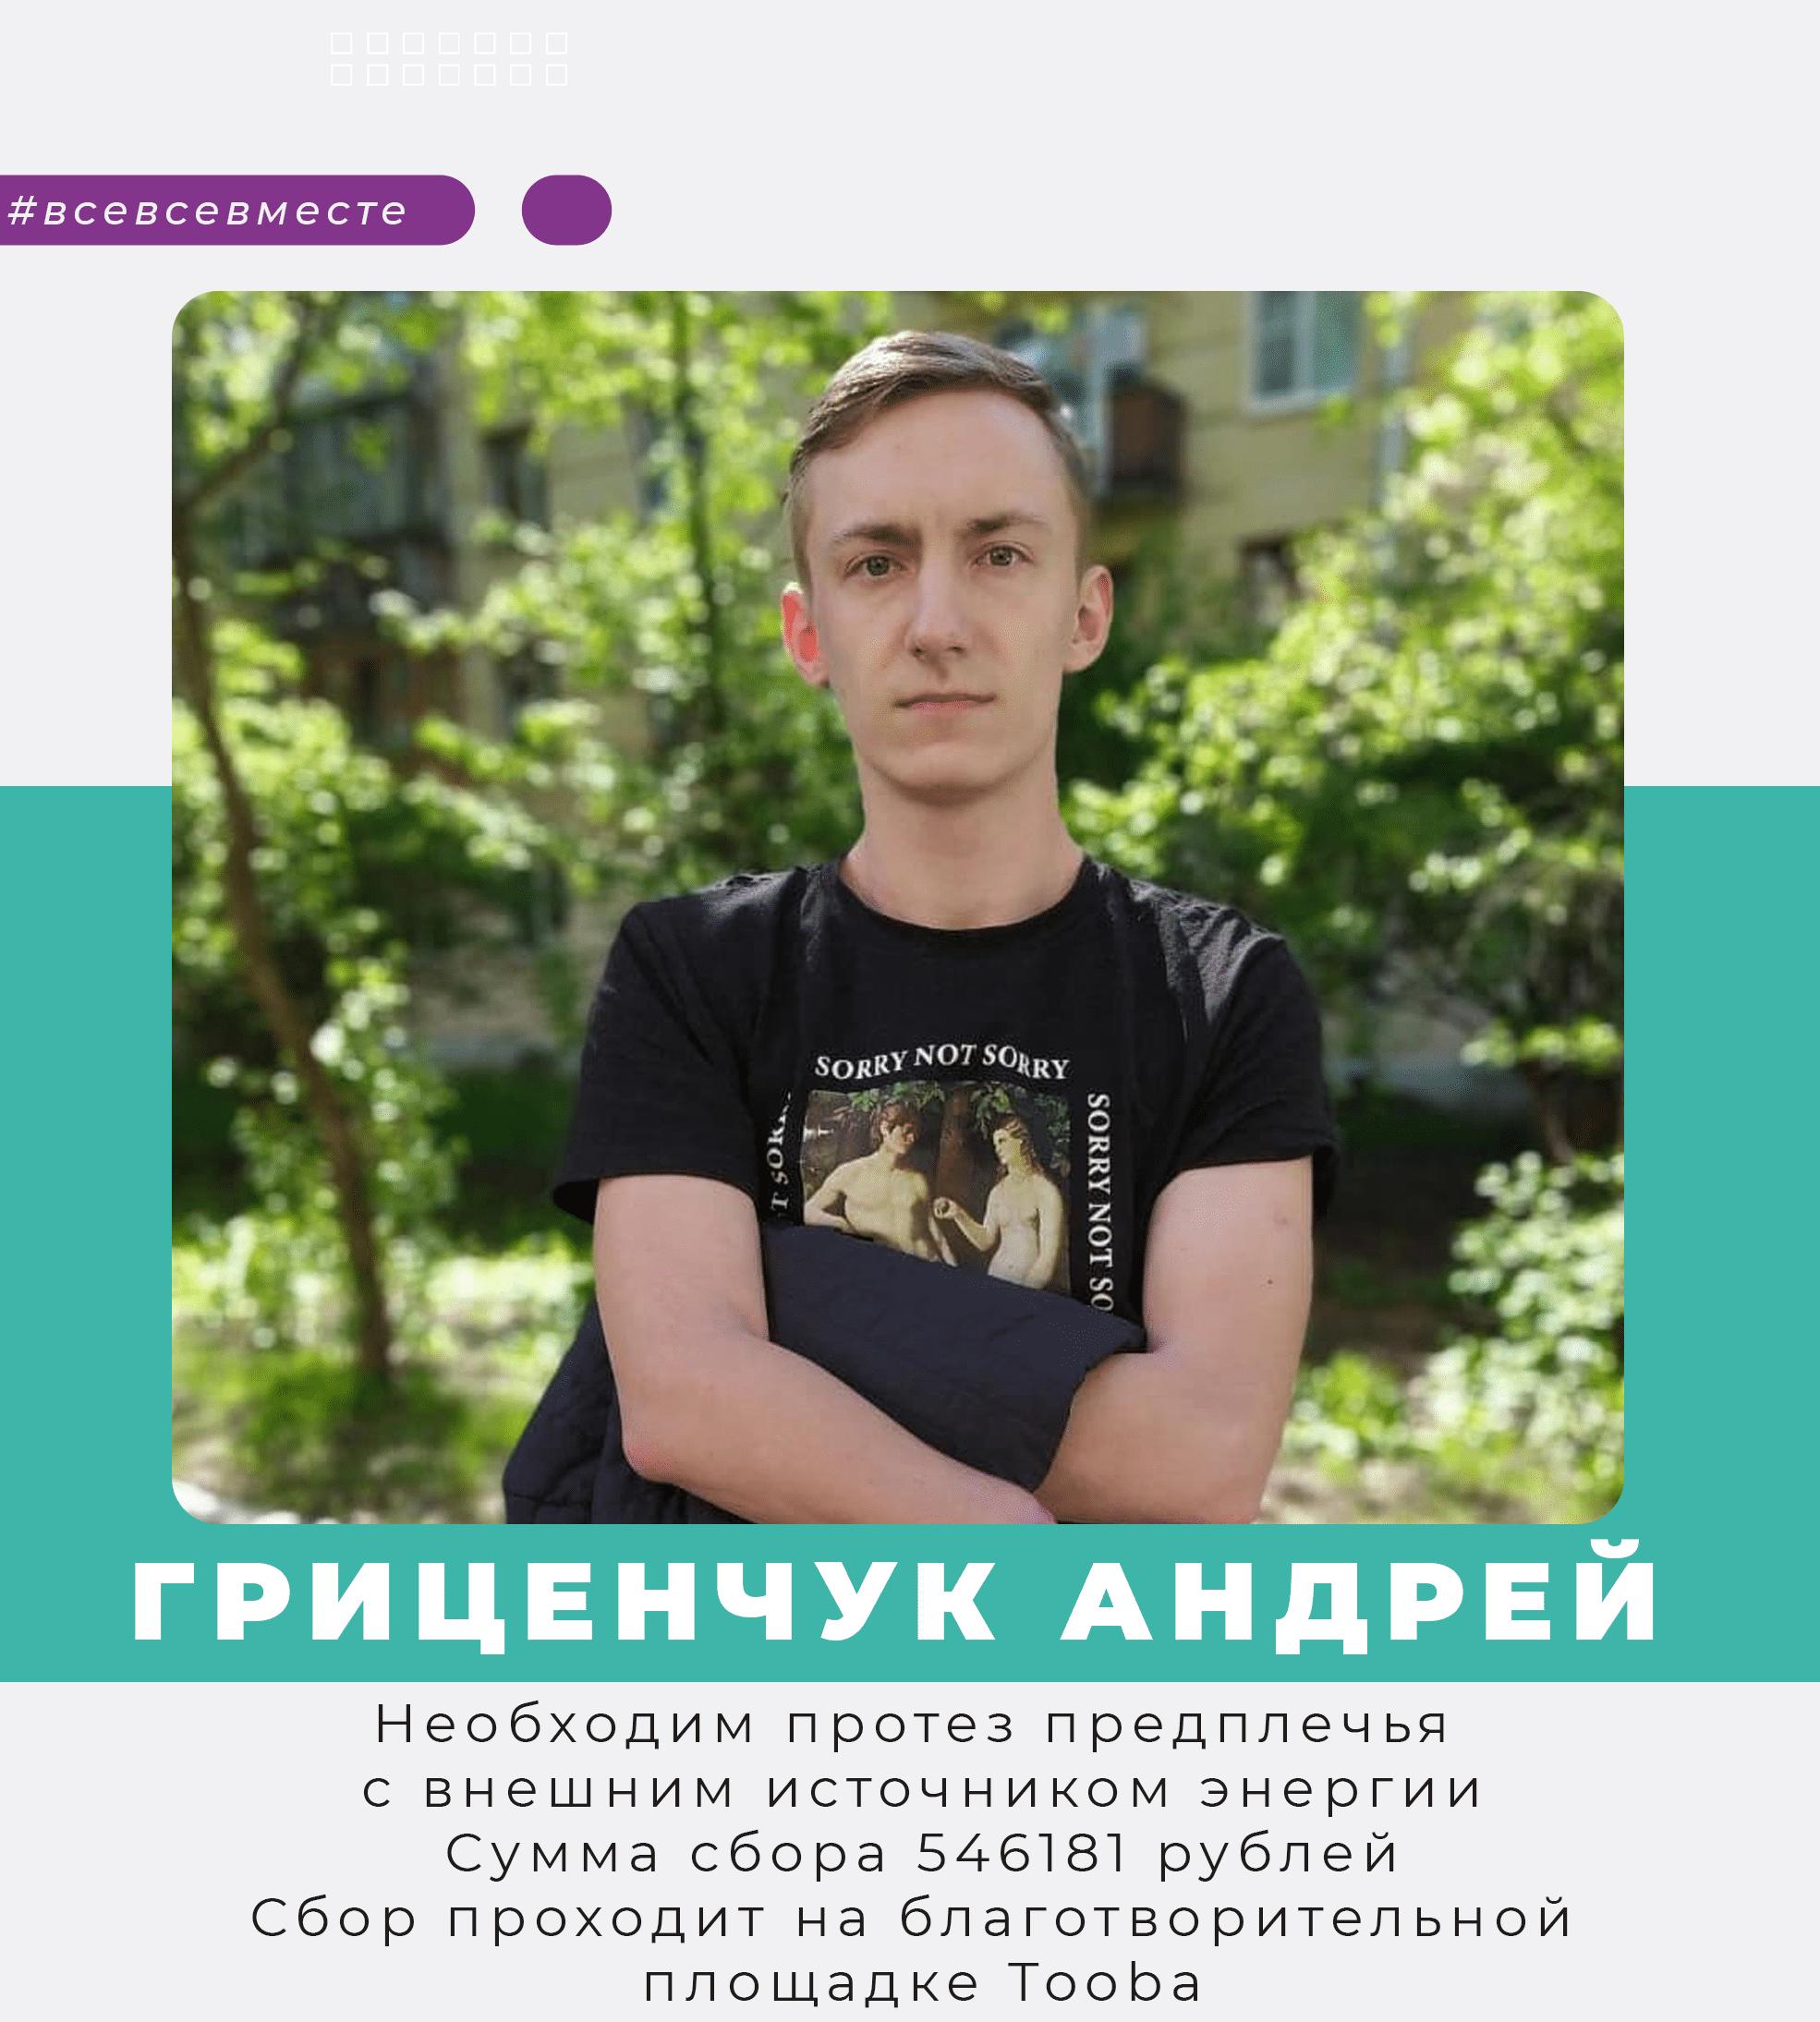 Сбор для Андрея Гриценчука открыт !